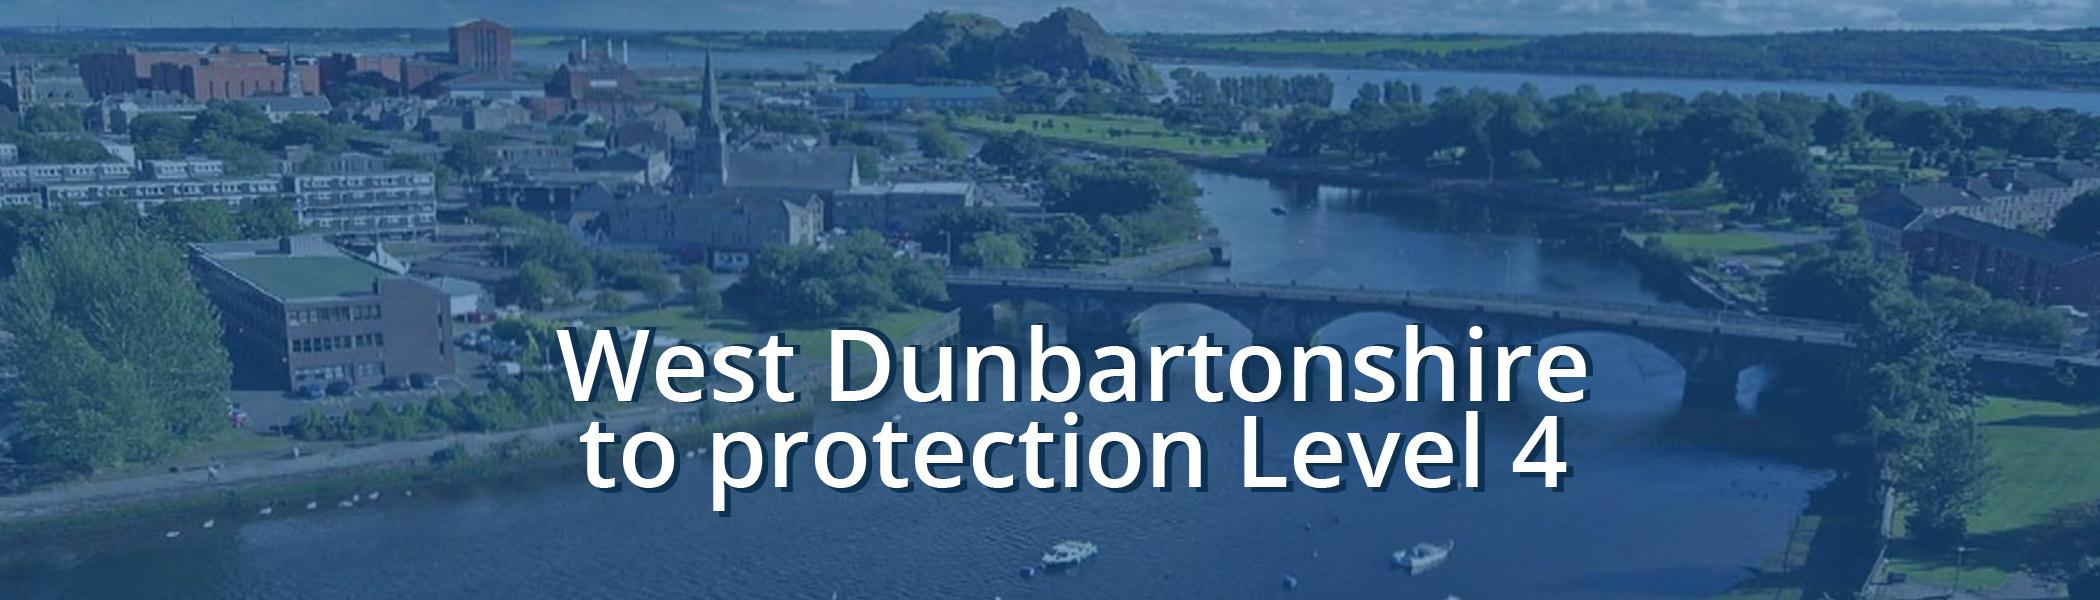 Dumbarton Level 4